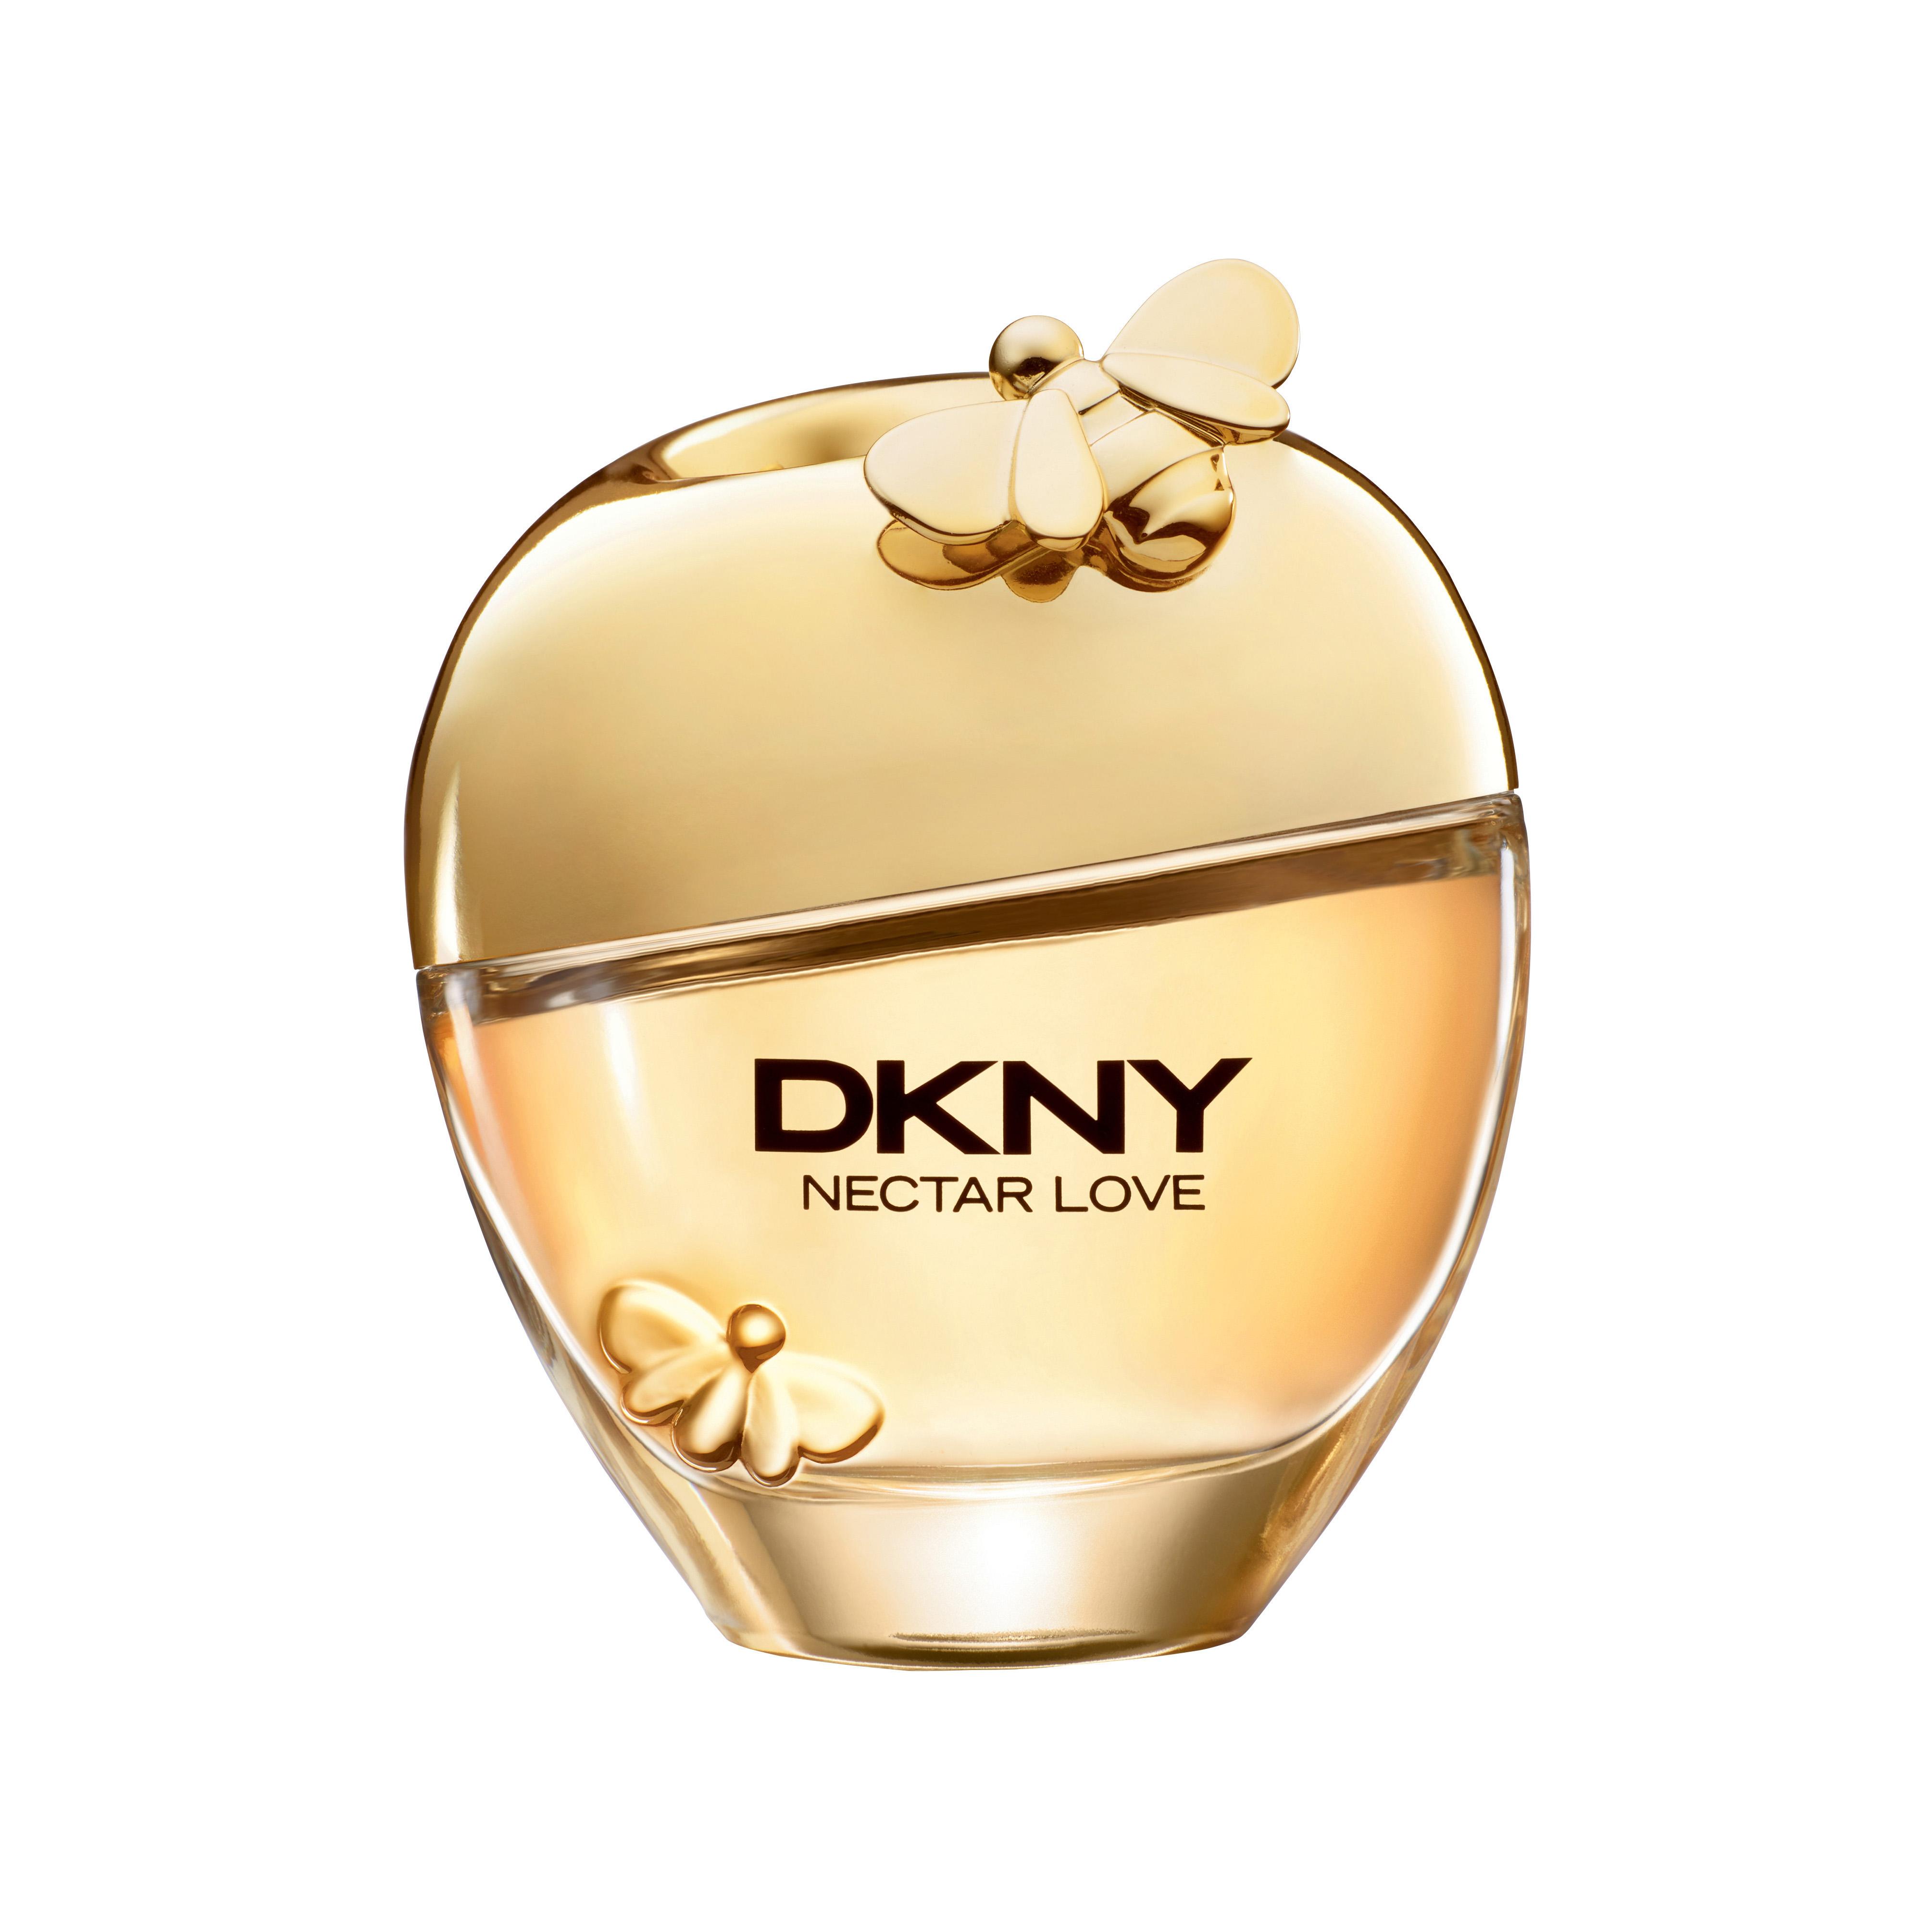 dkny-nectar-love-eau-de-parfum-spray-50ml_1